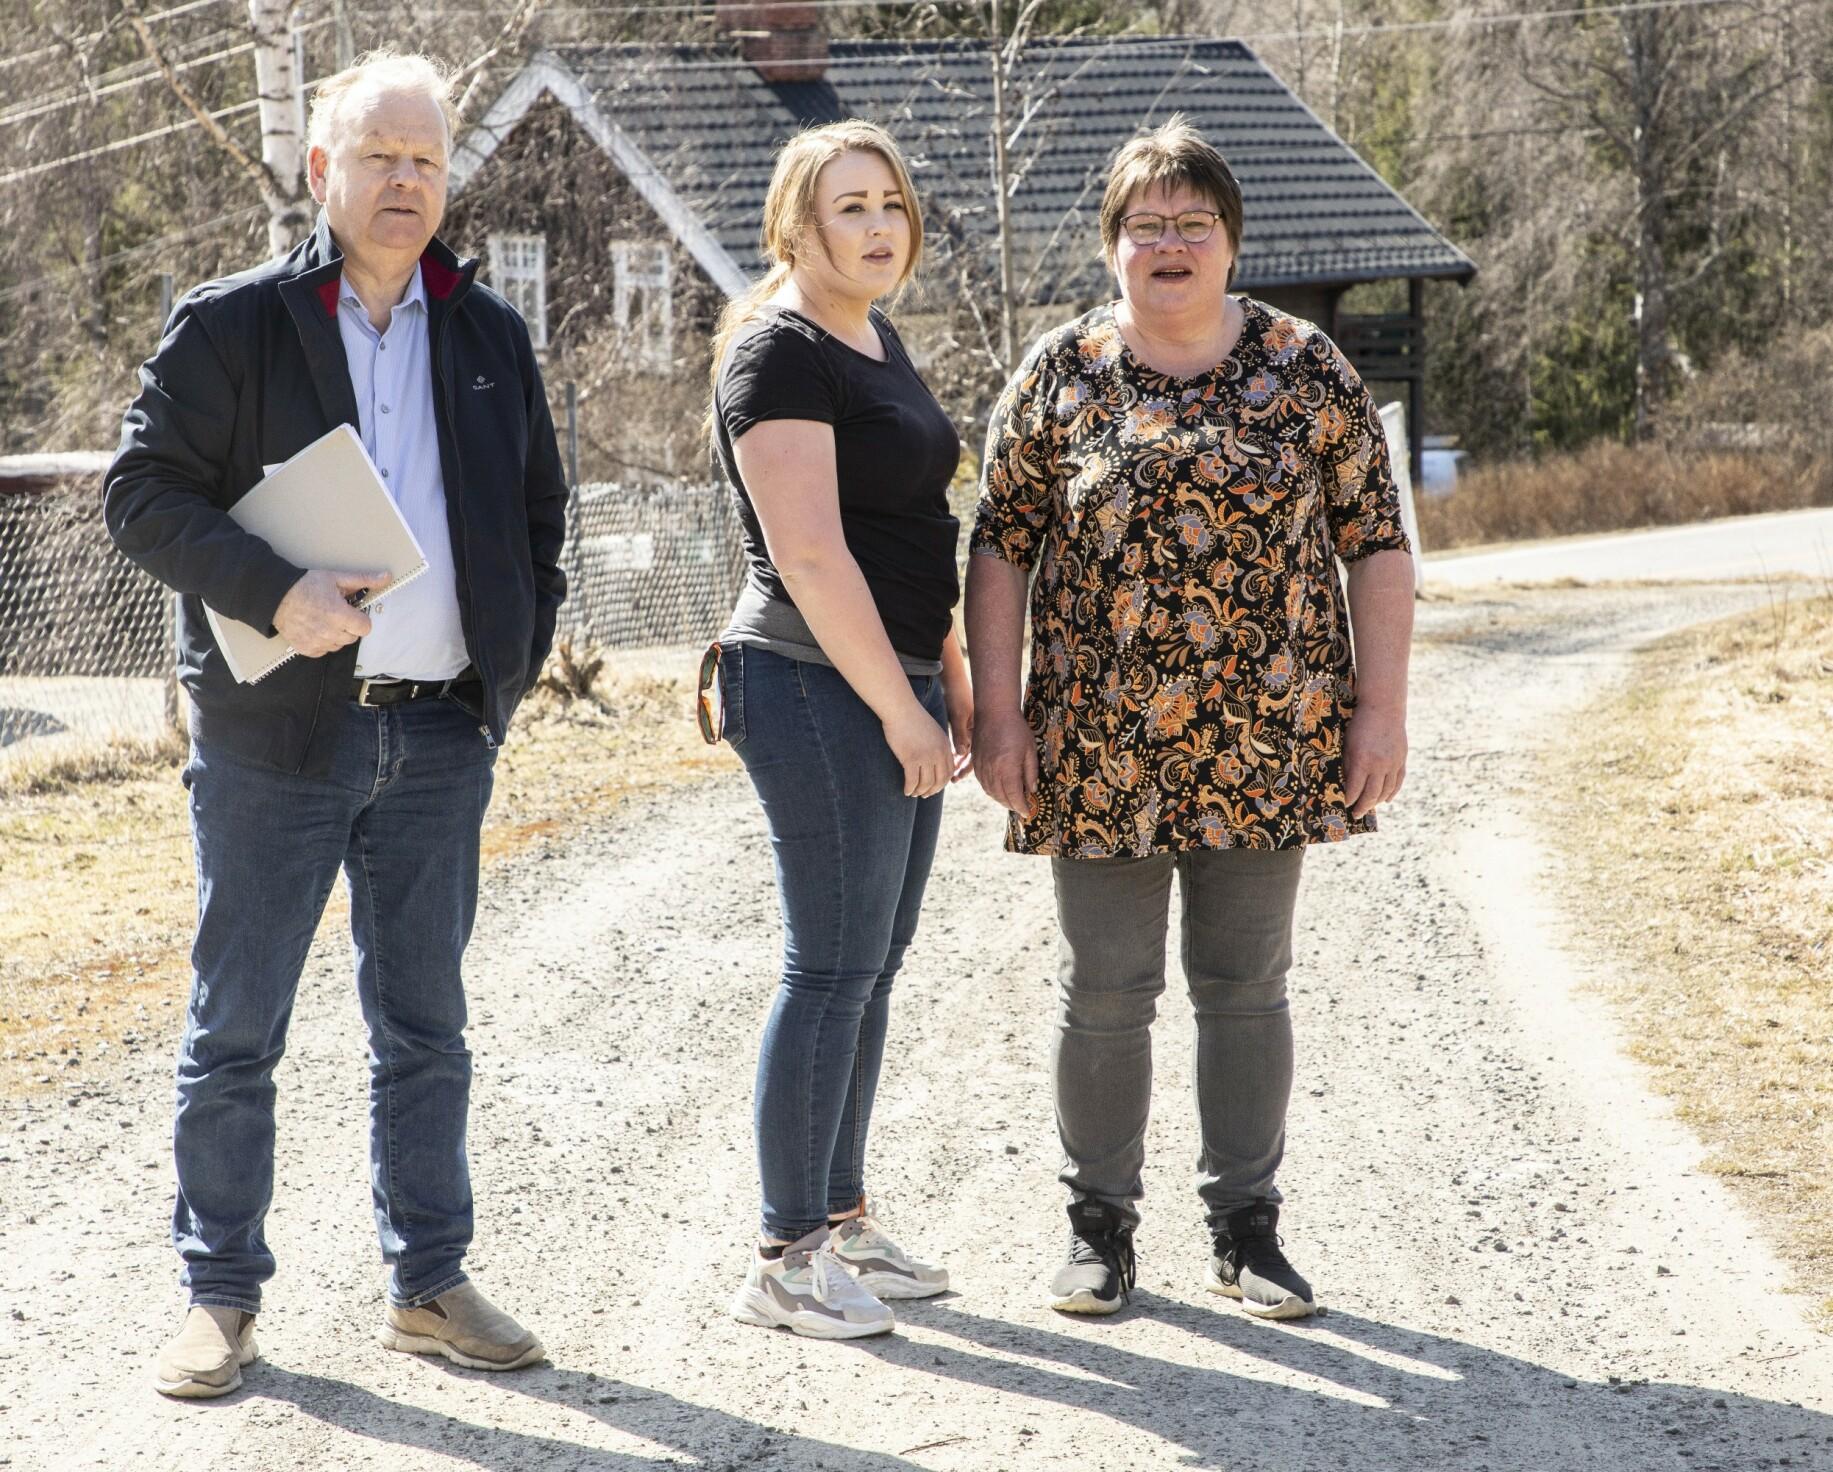 FÅR HJELP: Mamma Bente og datteren Randi har engasjert privatetterforsker Finn Abrahamsen. – Dette kan like gjerne være en drapssak som en forsvinning, sier den tidligere politisjefen. Foto: Morten Eik